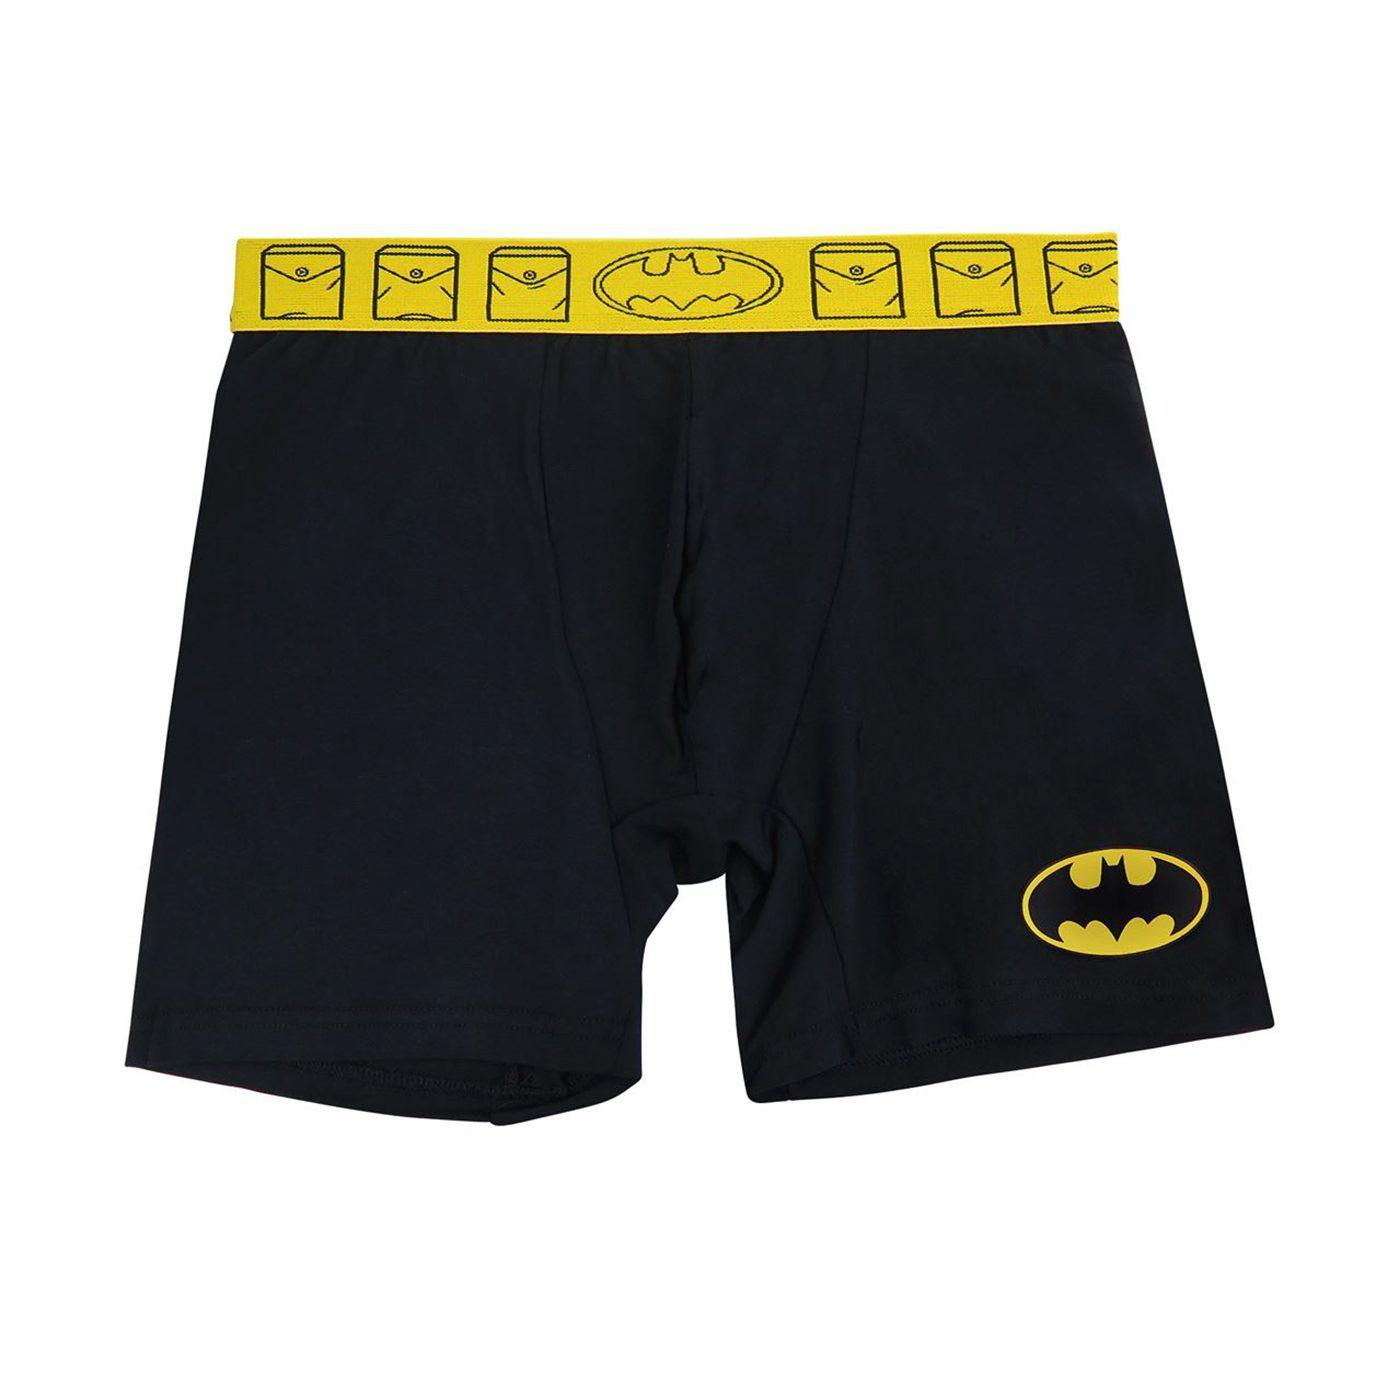 Batman Symbol Men's Underwear Fashion Boxer Briefs